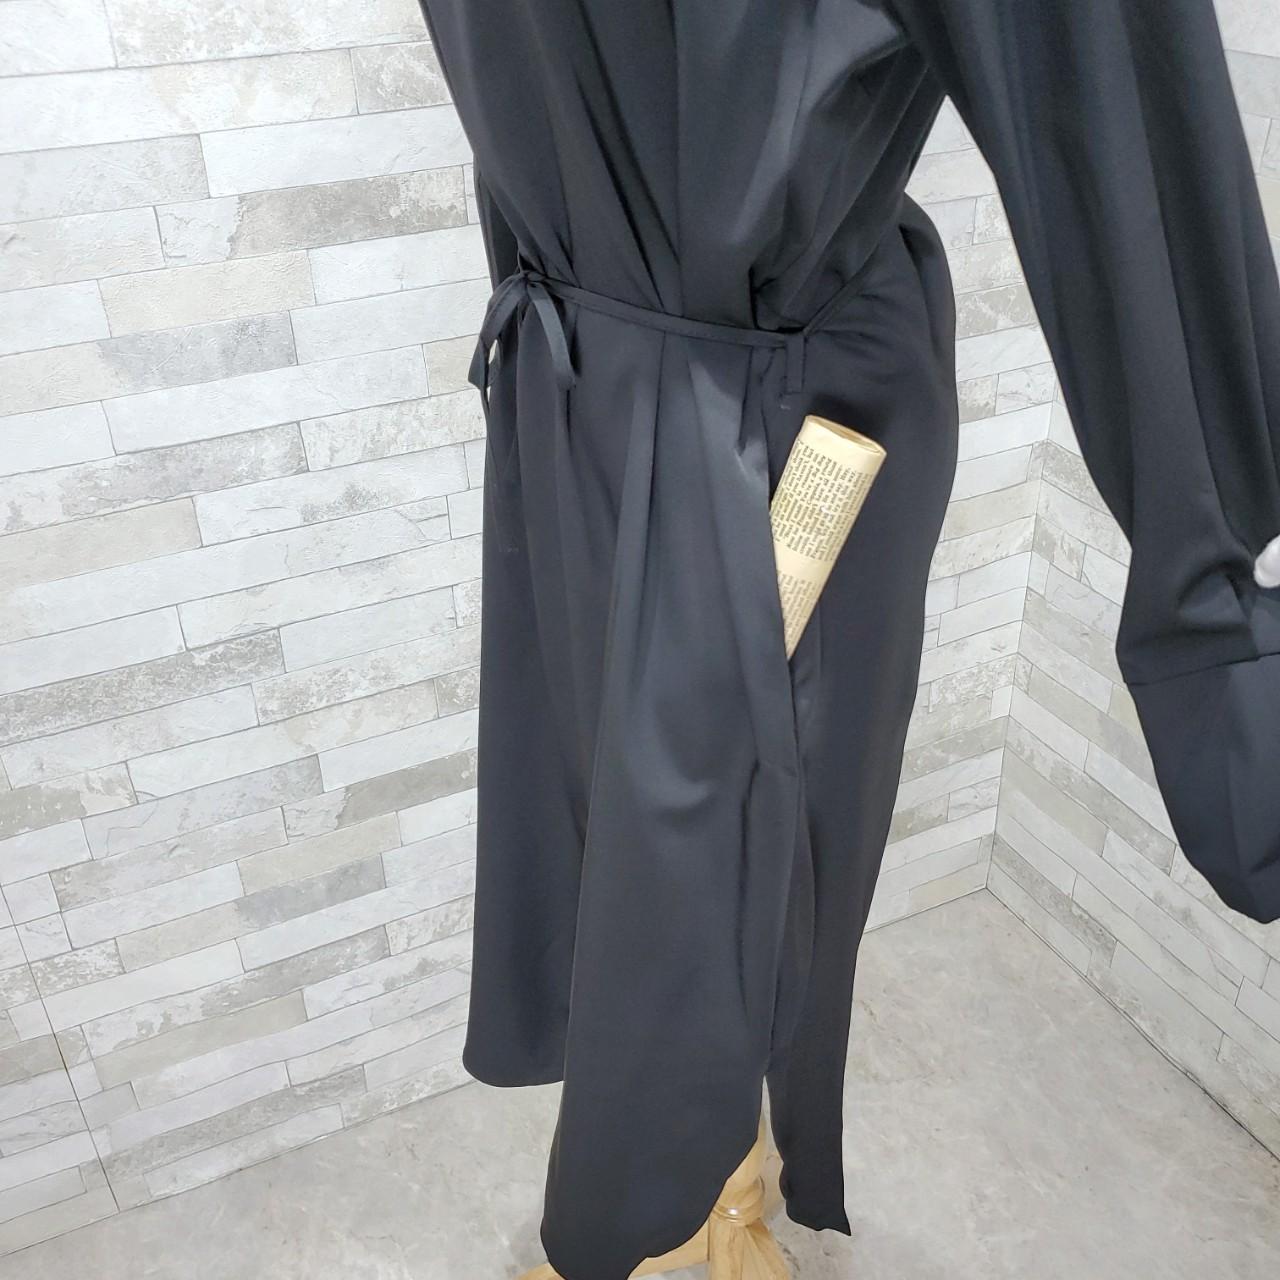 韓国 ファッション ワンピース 春 秋 冬 カジュアル PTXH448  とろみ素材 アシンメトリー ベーシック 着回し オルチャン シンプル 定番 セレカジの写真18枚目